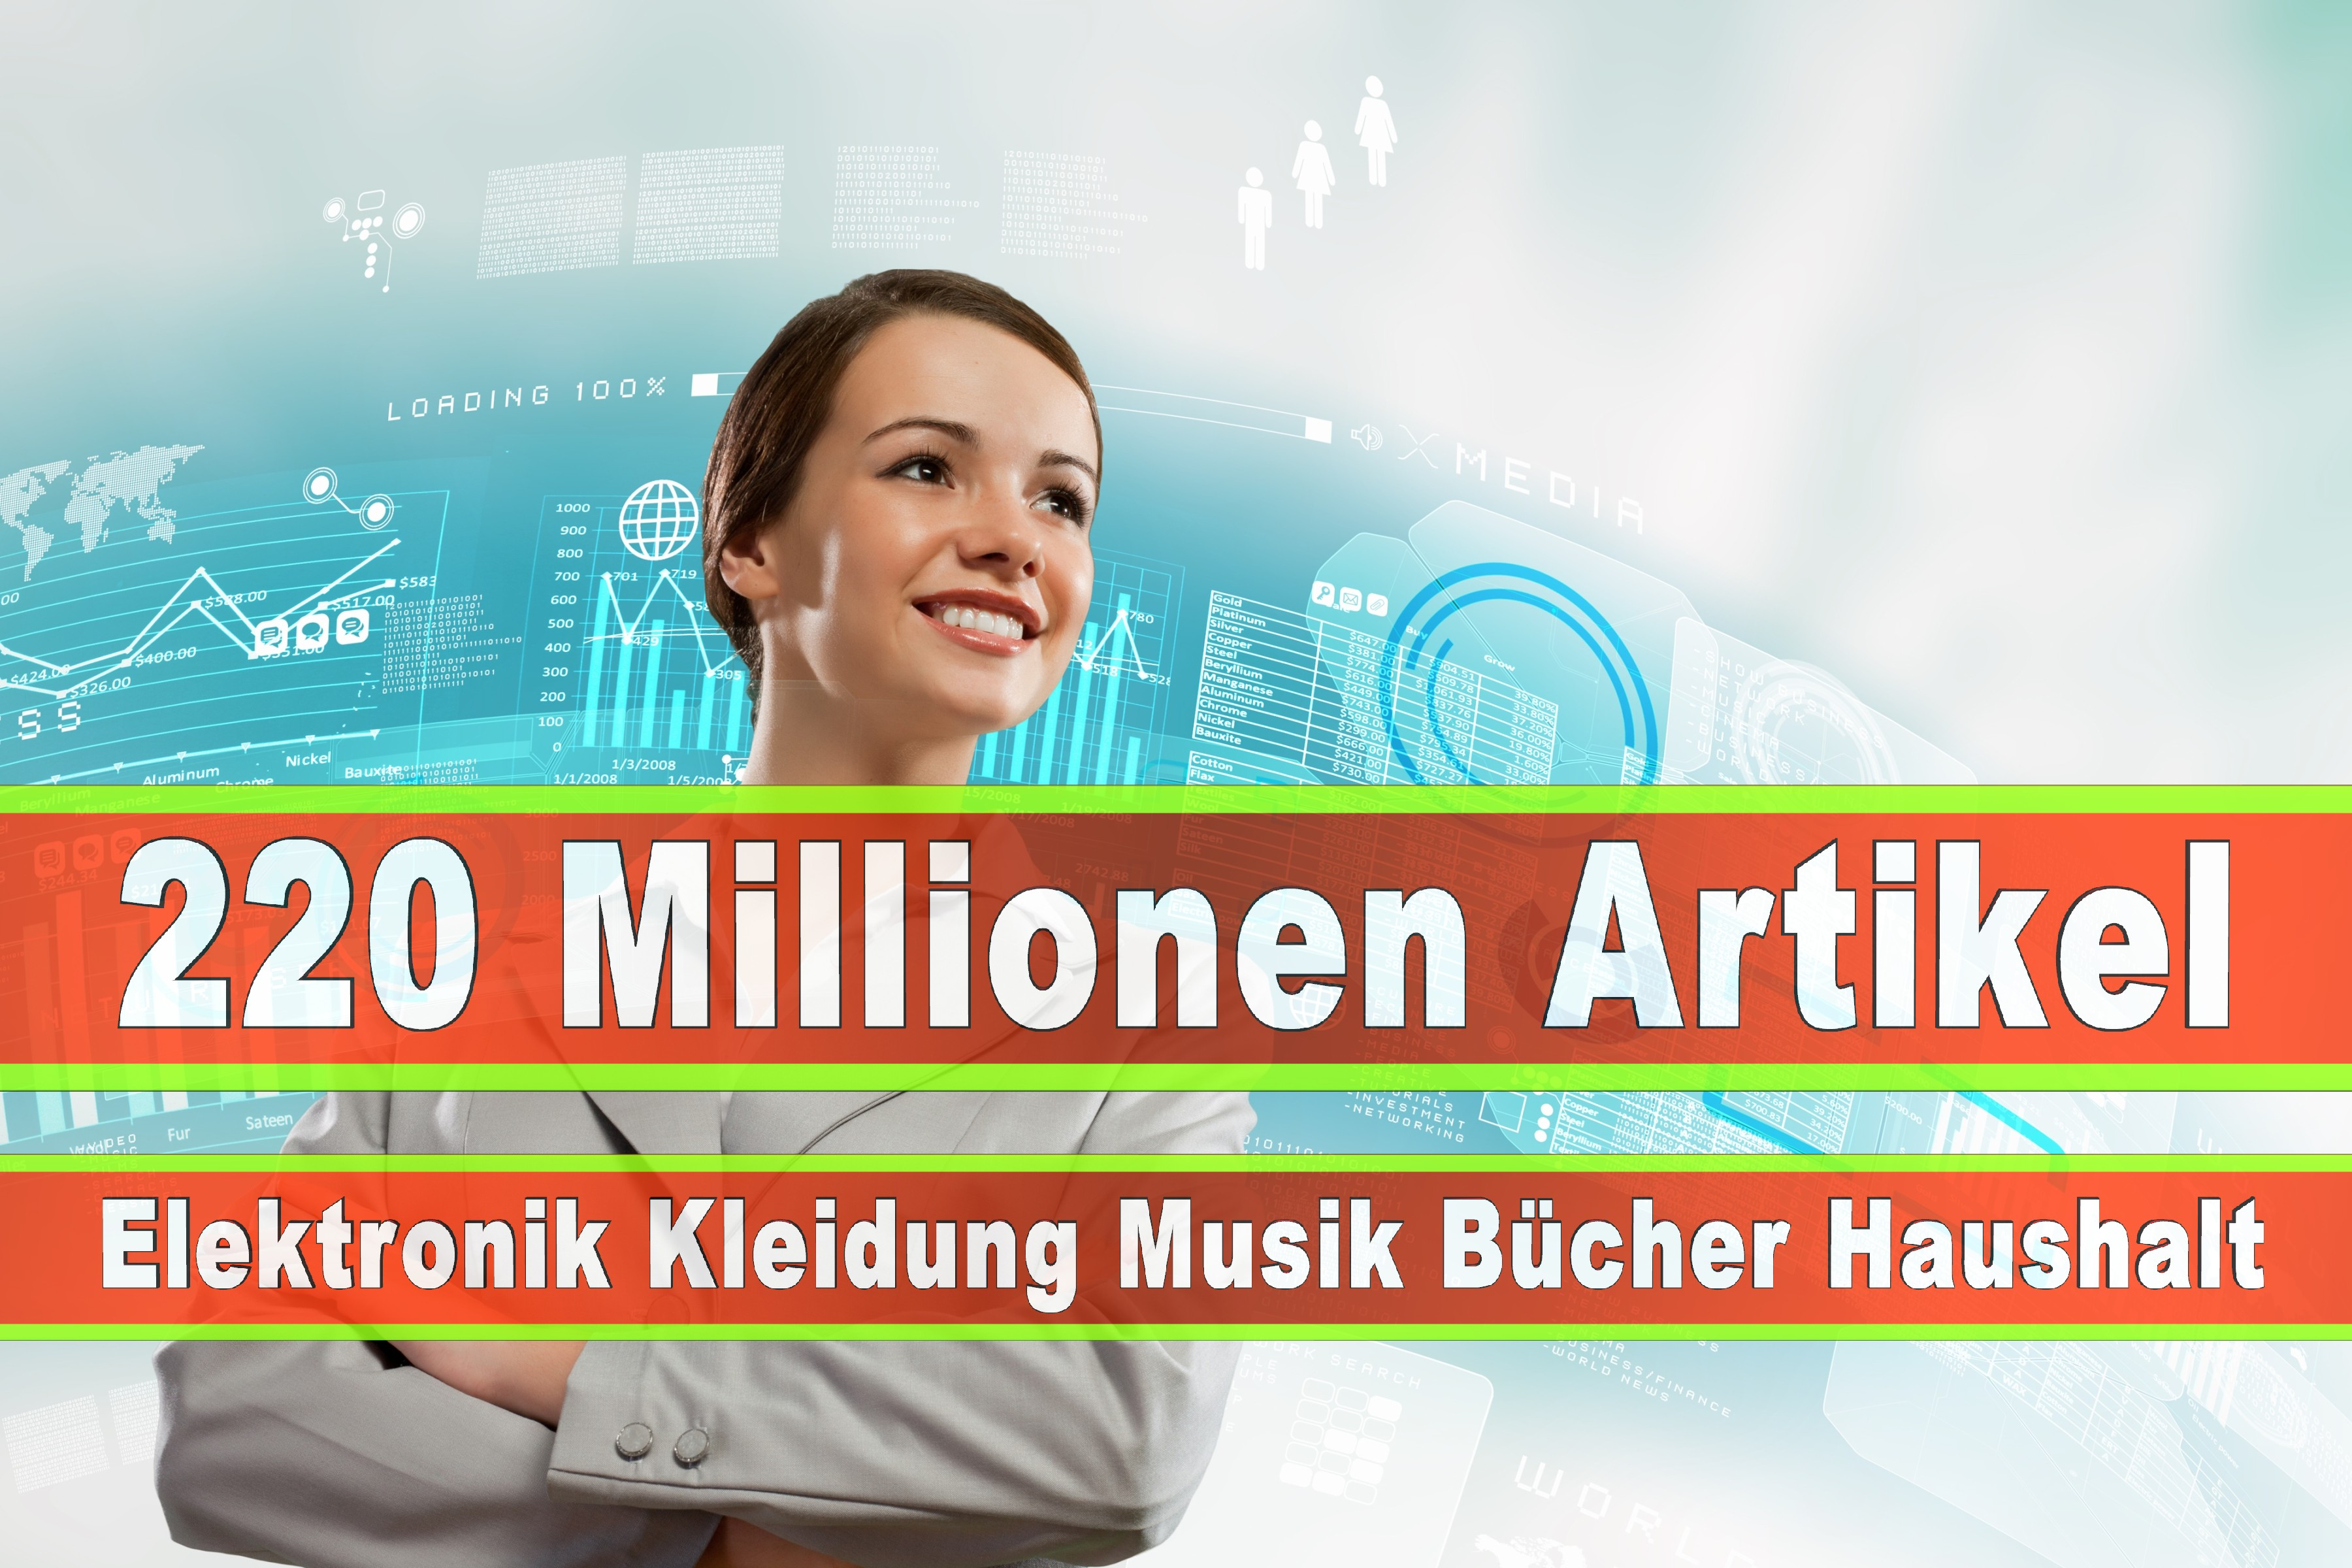 Amazon Elektronik Musik Haushalt Bücher CD DVD Handys Smartphones TV Television Fernseher Kleidung Mode Ebay Versandhaus (35)